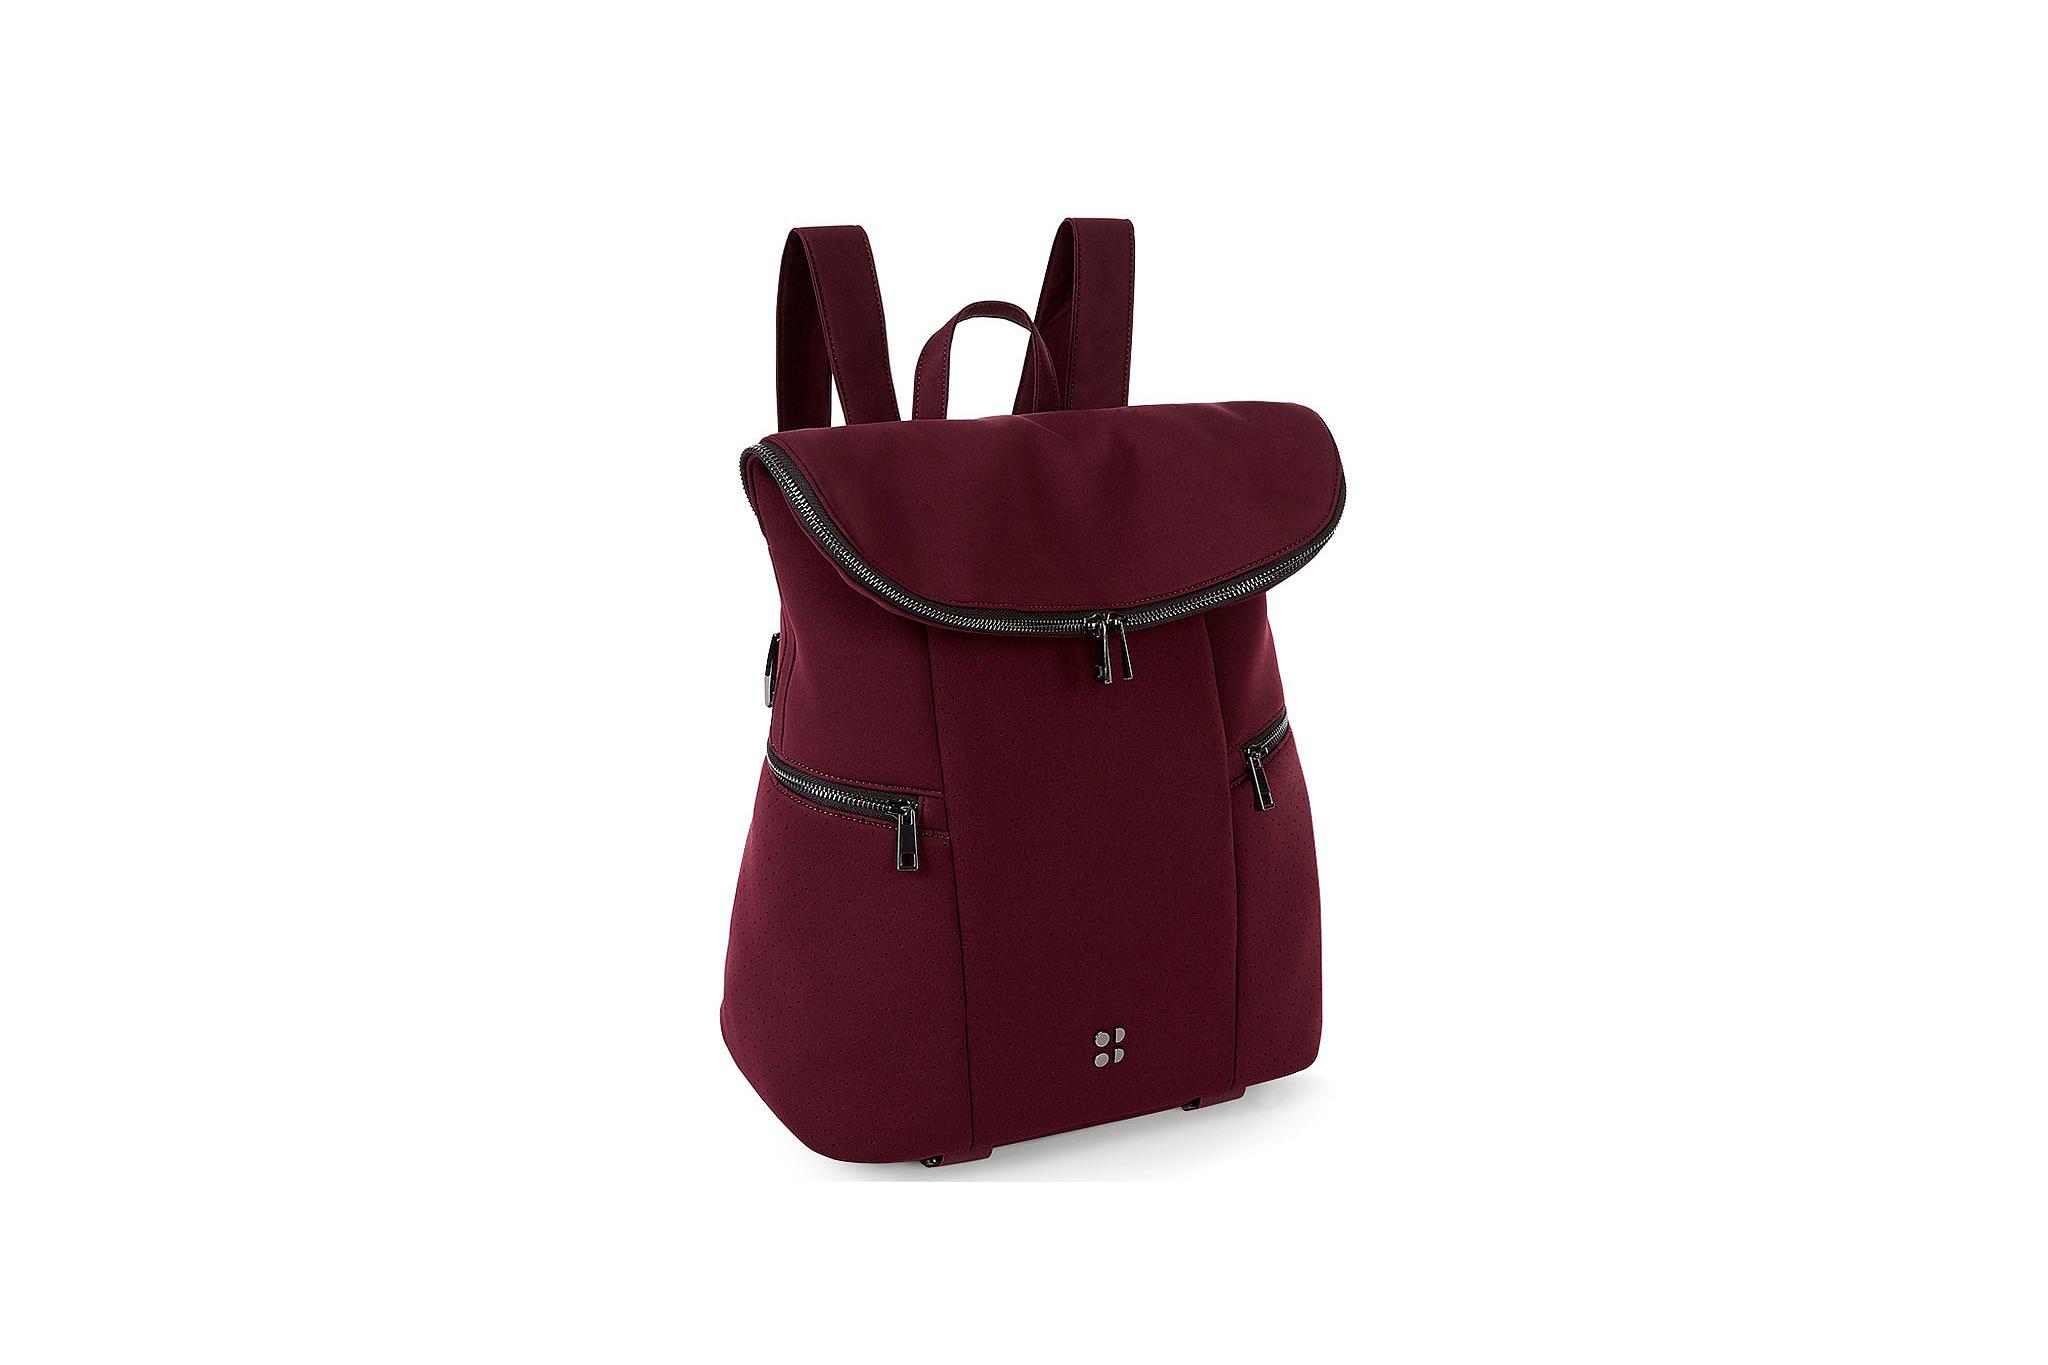 A stylish gym bag